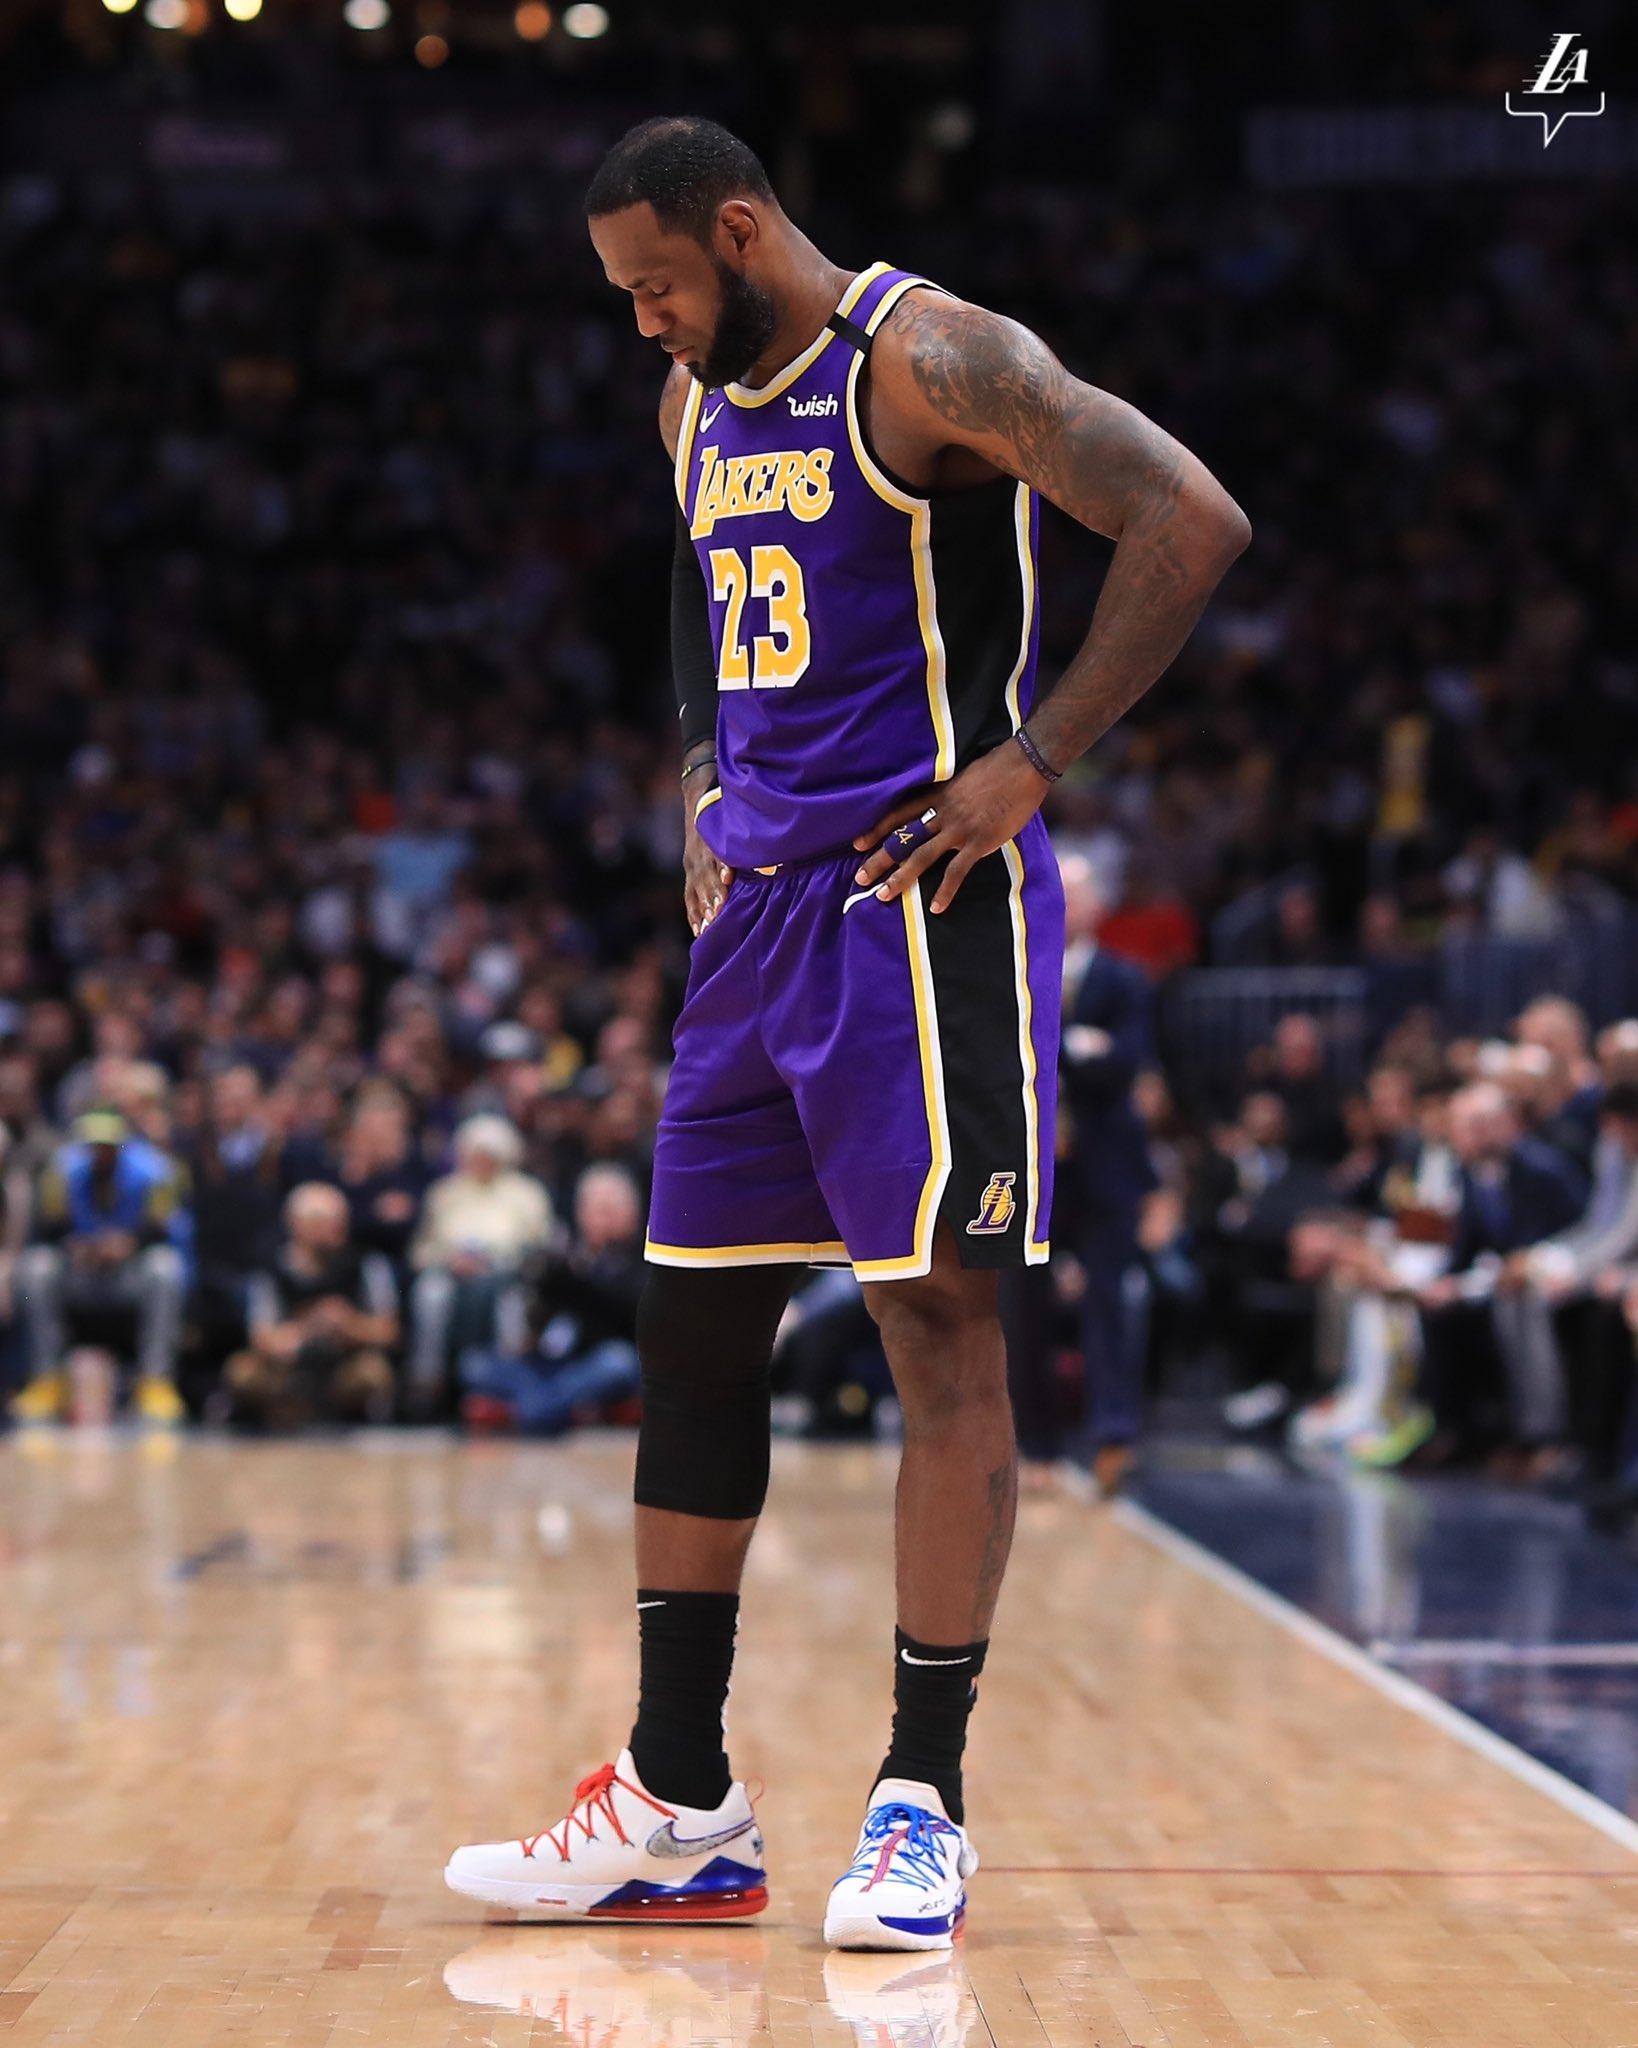 James aportó triple-doble dirigiendo el ataque de los Lakers de Los Ángeles, que ganaron a domicilio por 116-120 en el tiempo de prórroga a los Nuggets de Denver